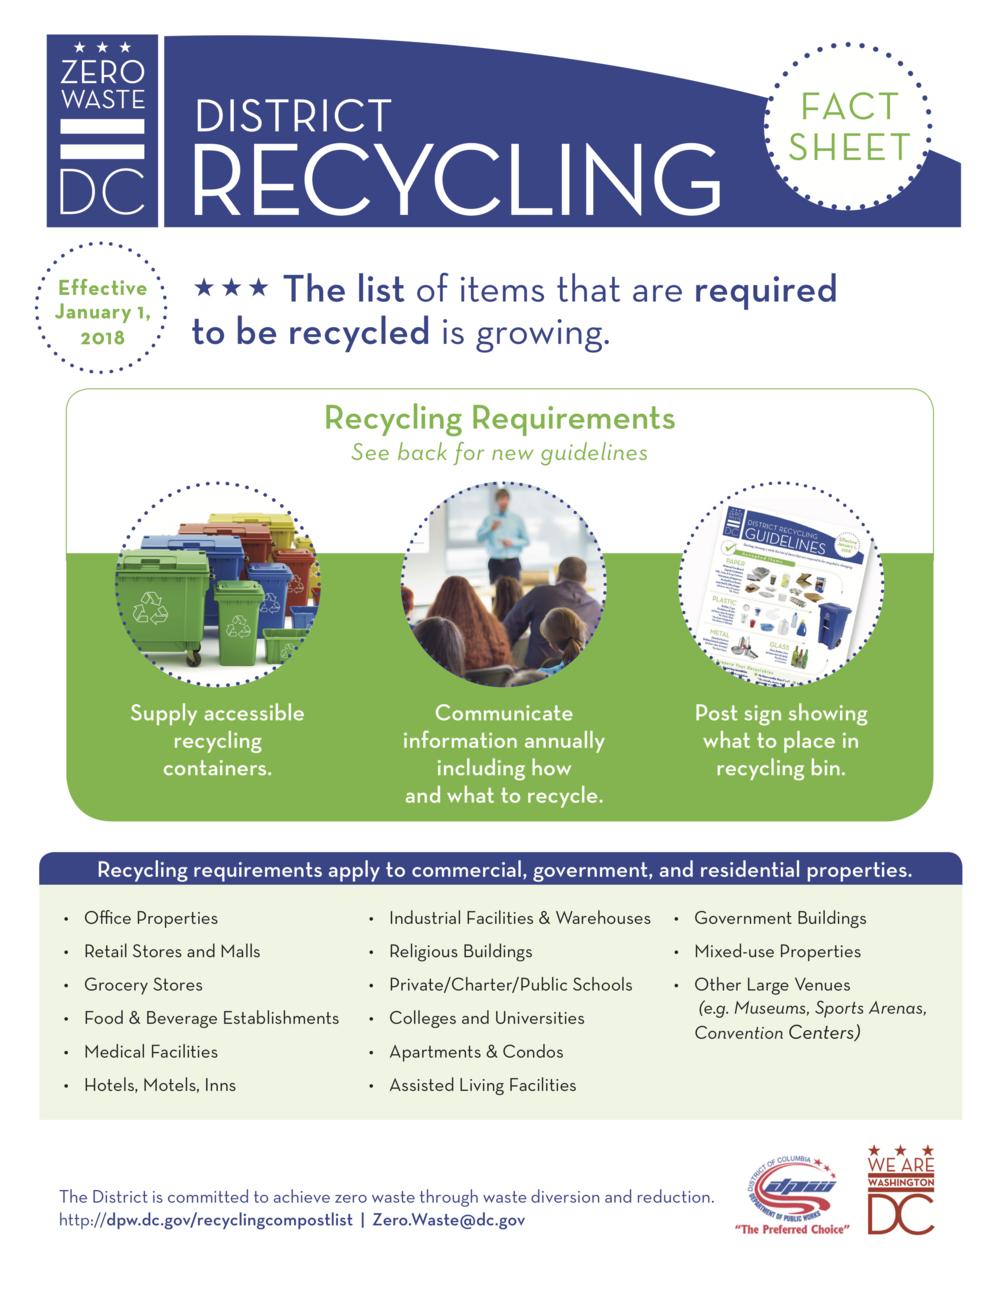 DPW DC Recycling Fact Sheet.png